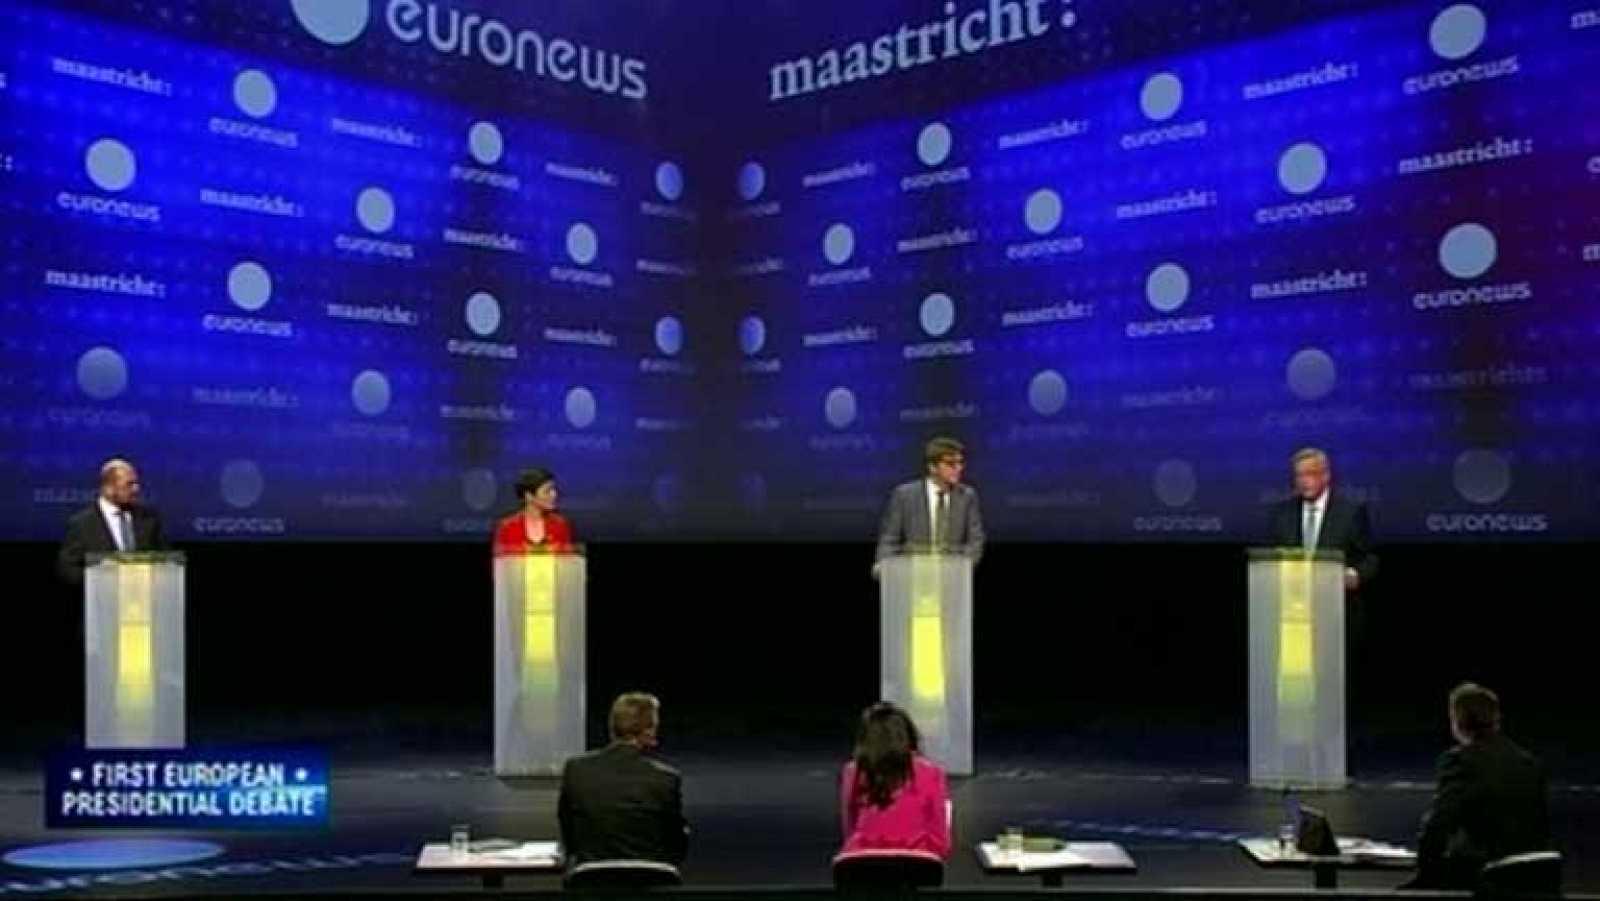 Empleo y crecimiento económico, principales objetivos de los candidatos a las europeas